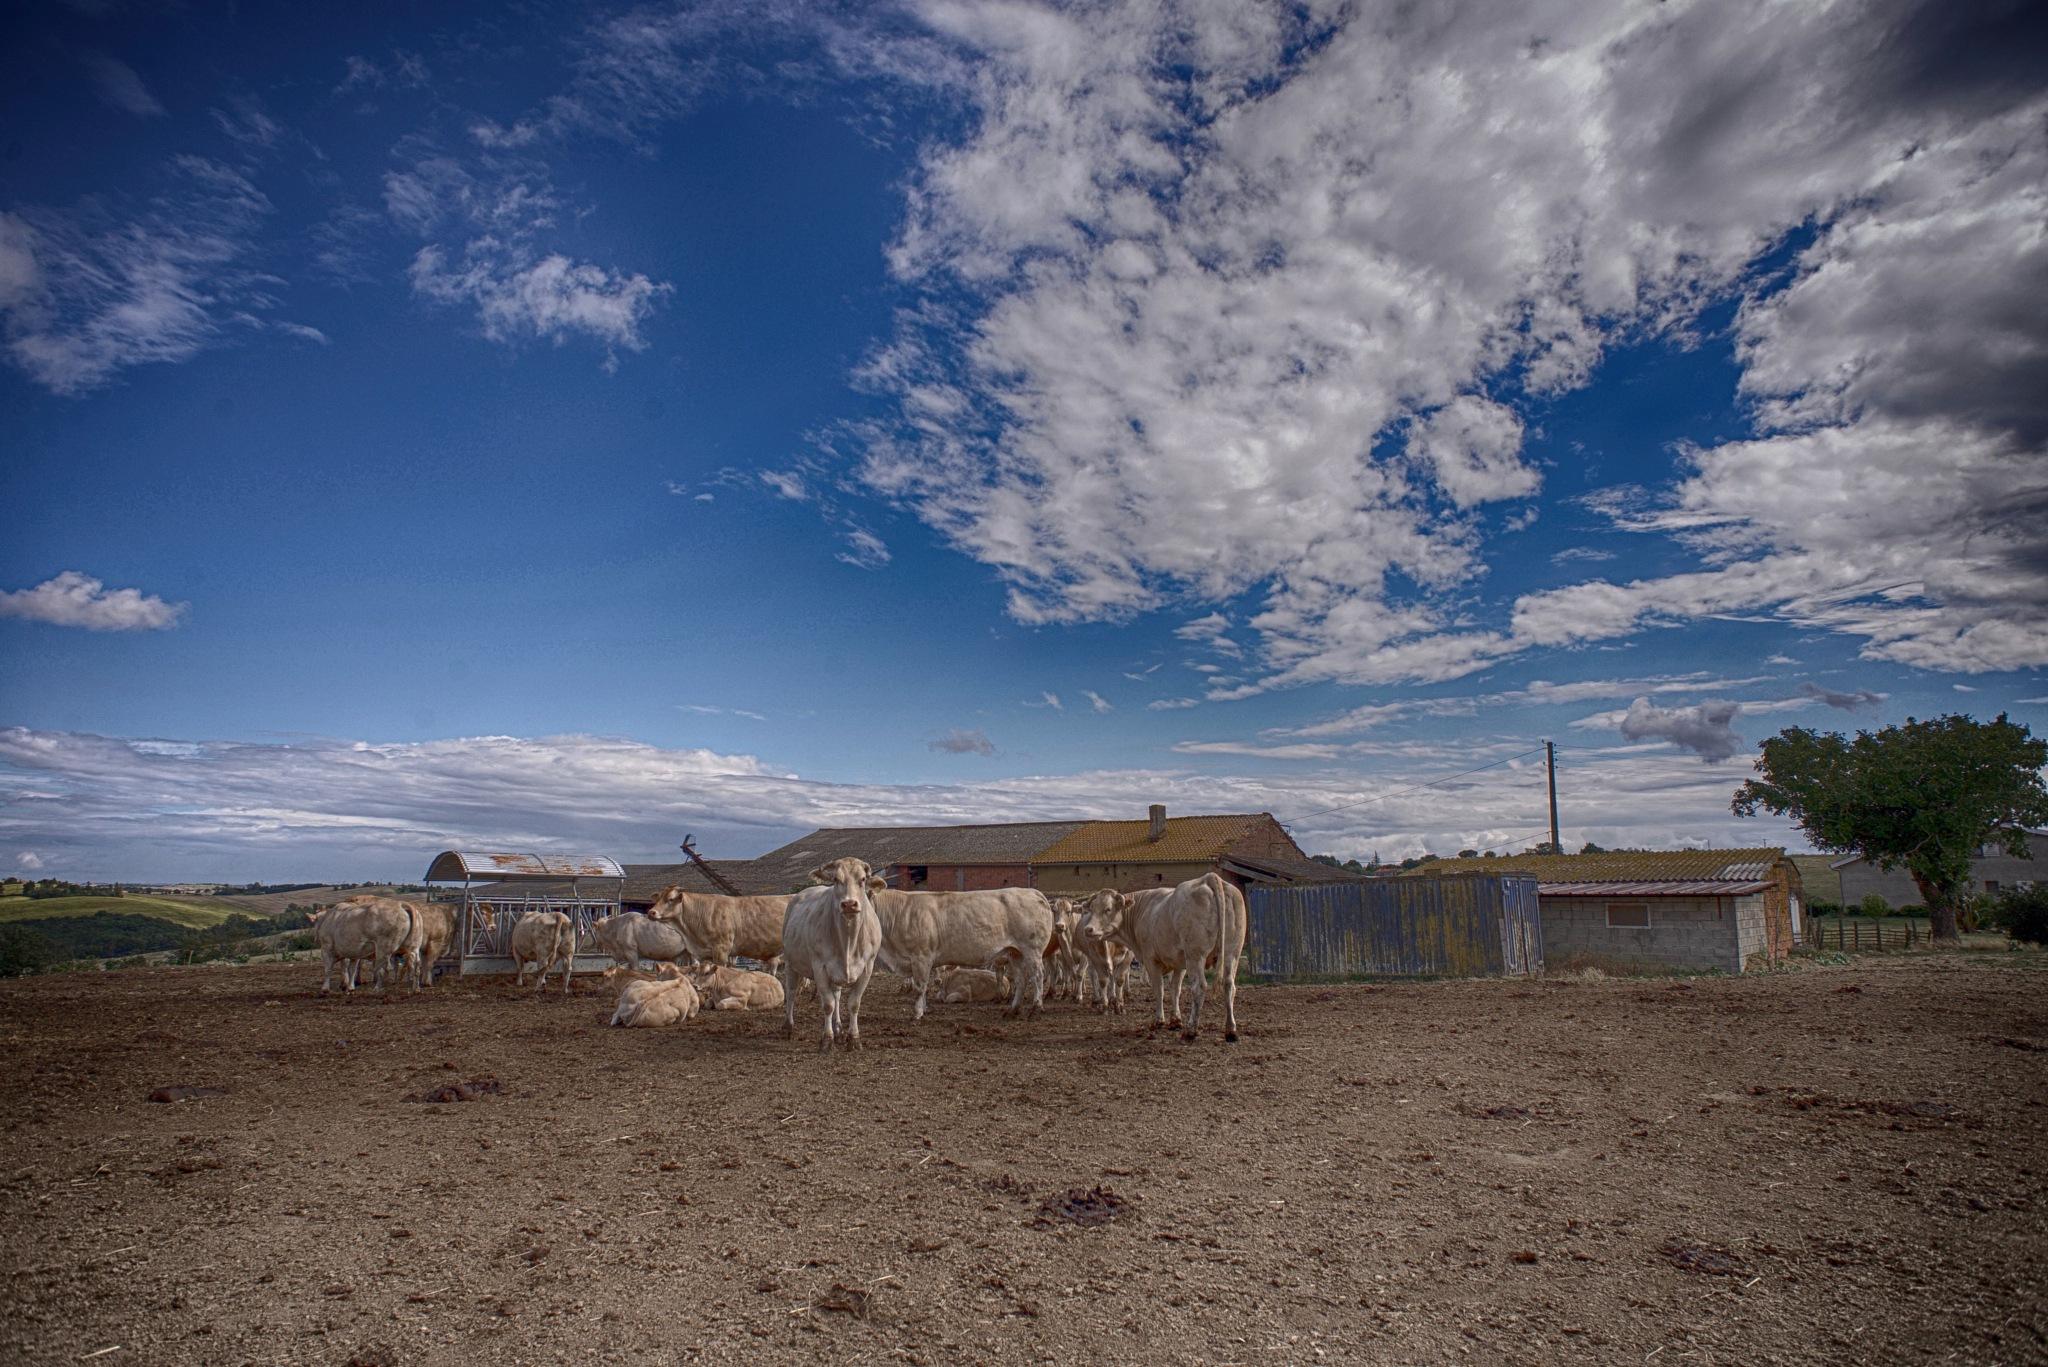 On a farm . by Lydie Burgunder